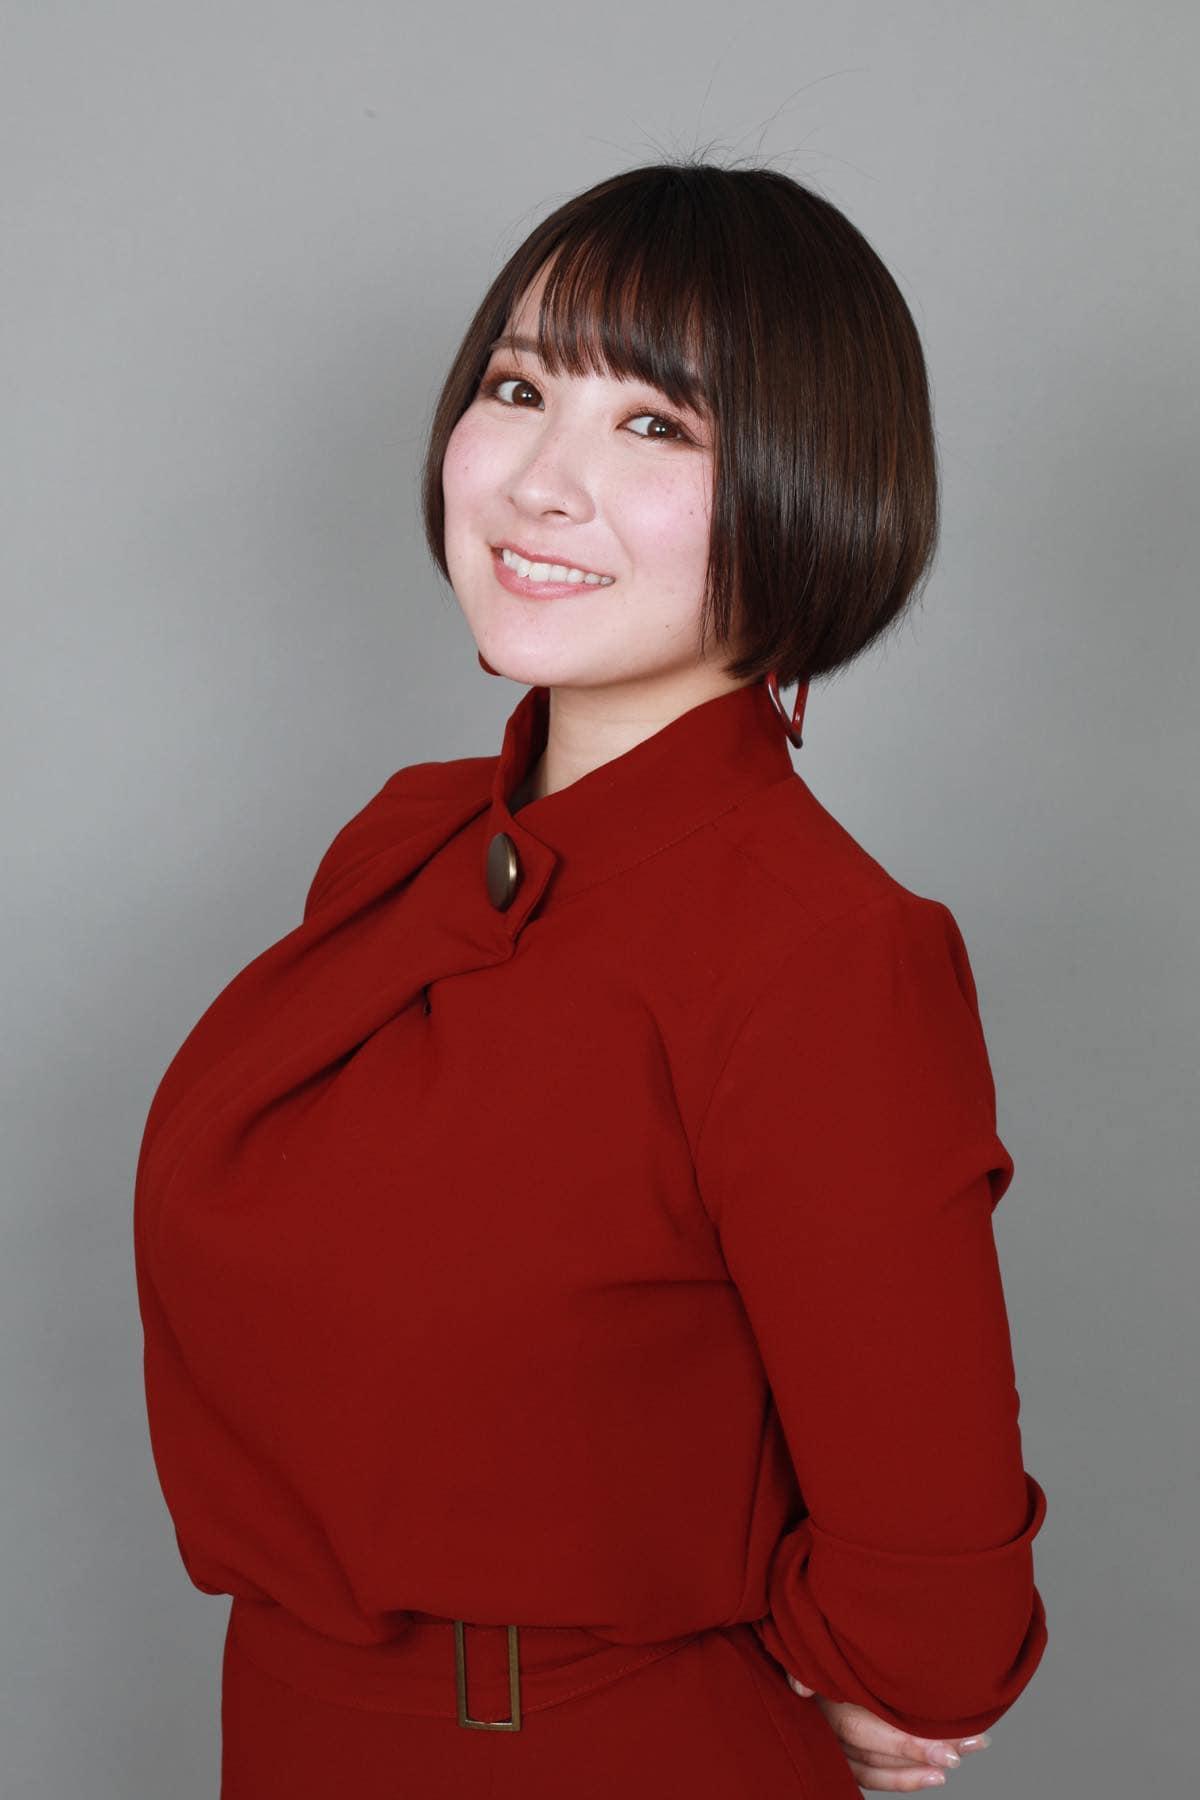 「105cmバスト」紺野栞の画像27